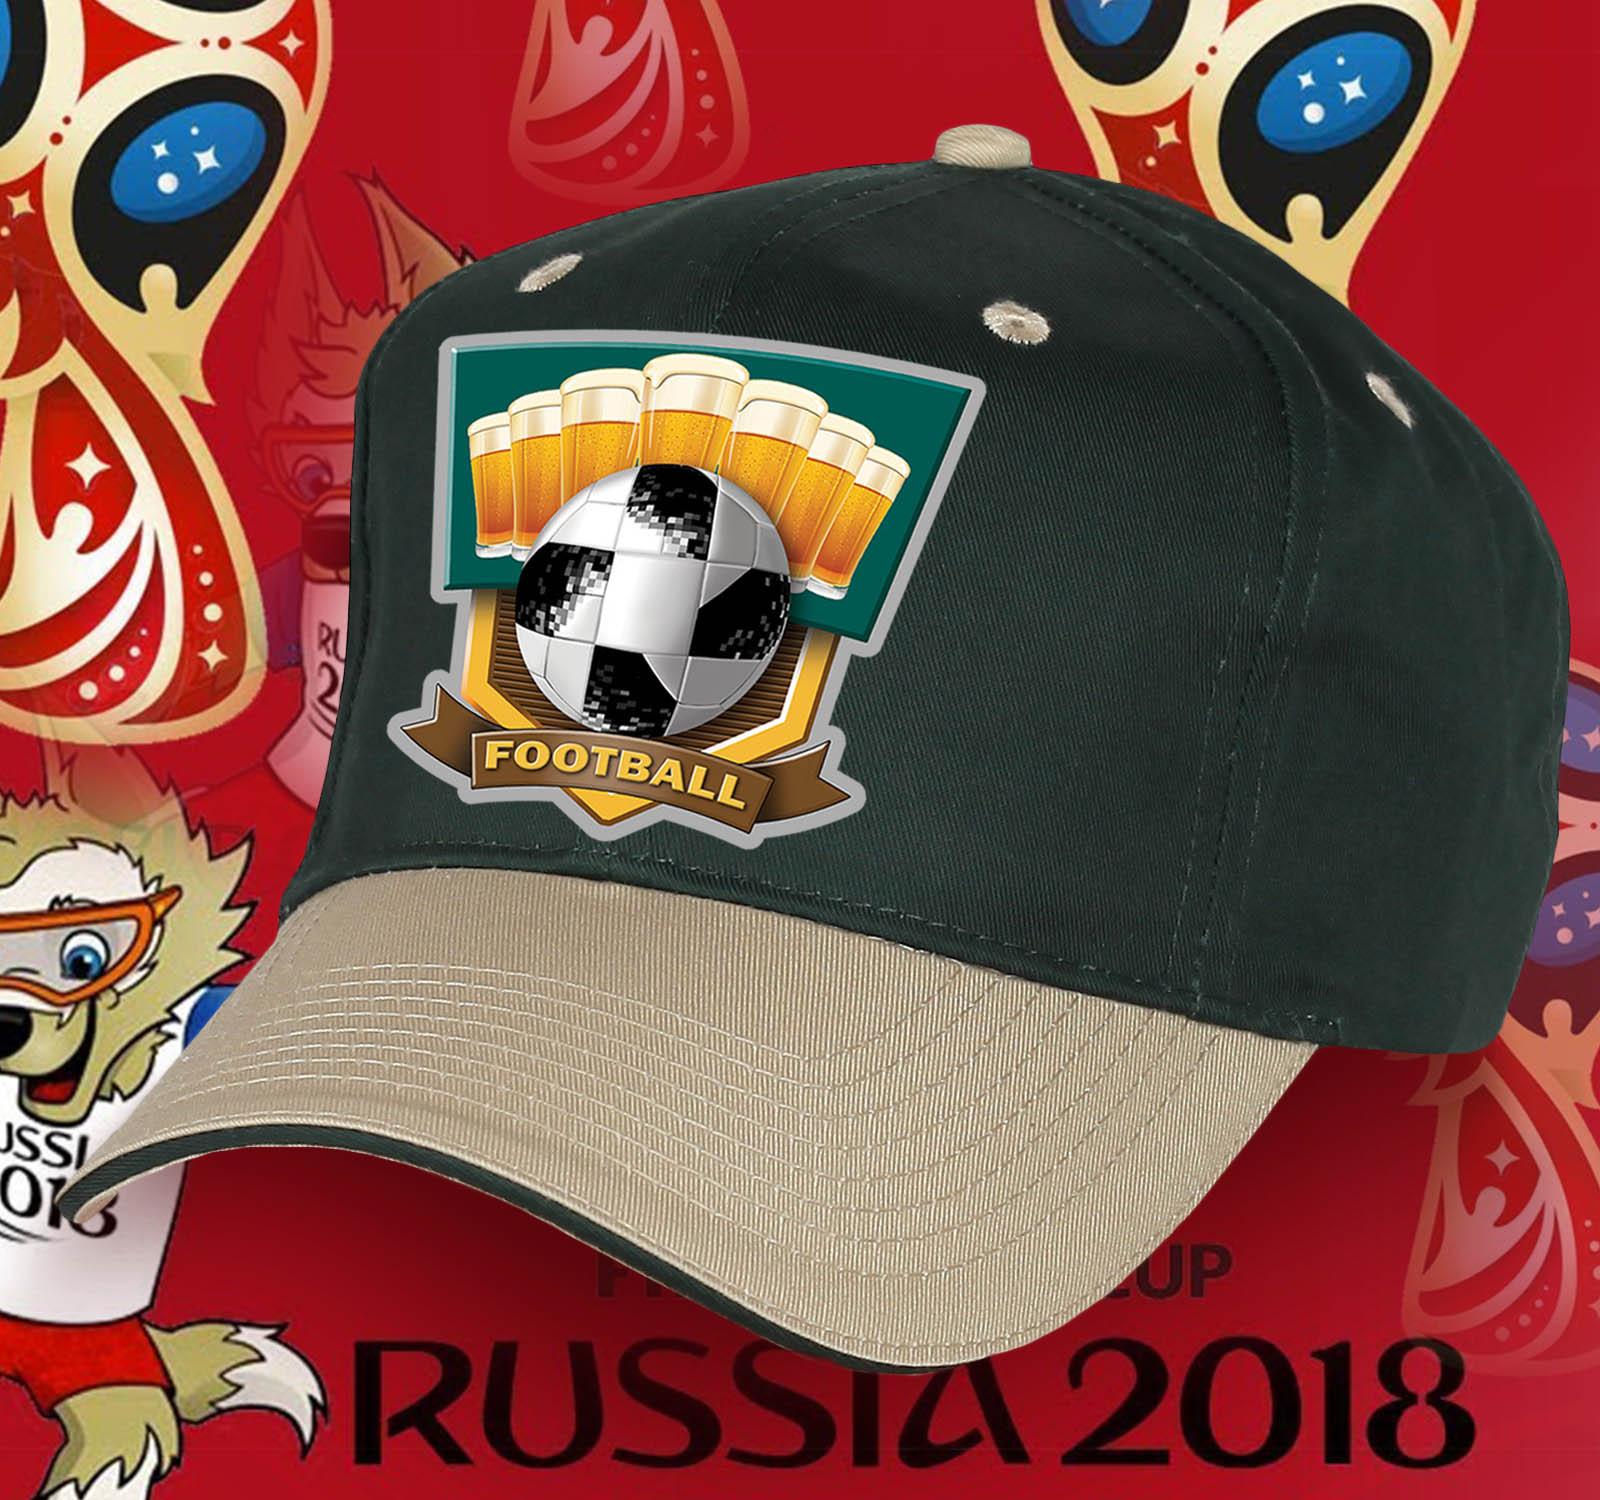 Крутая кепка Football с мячом